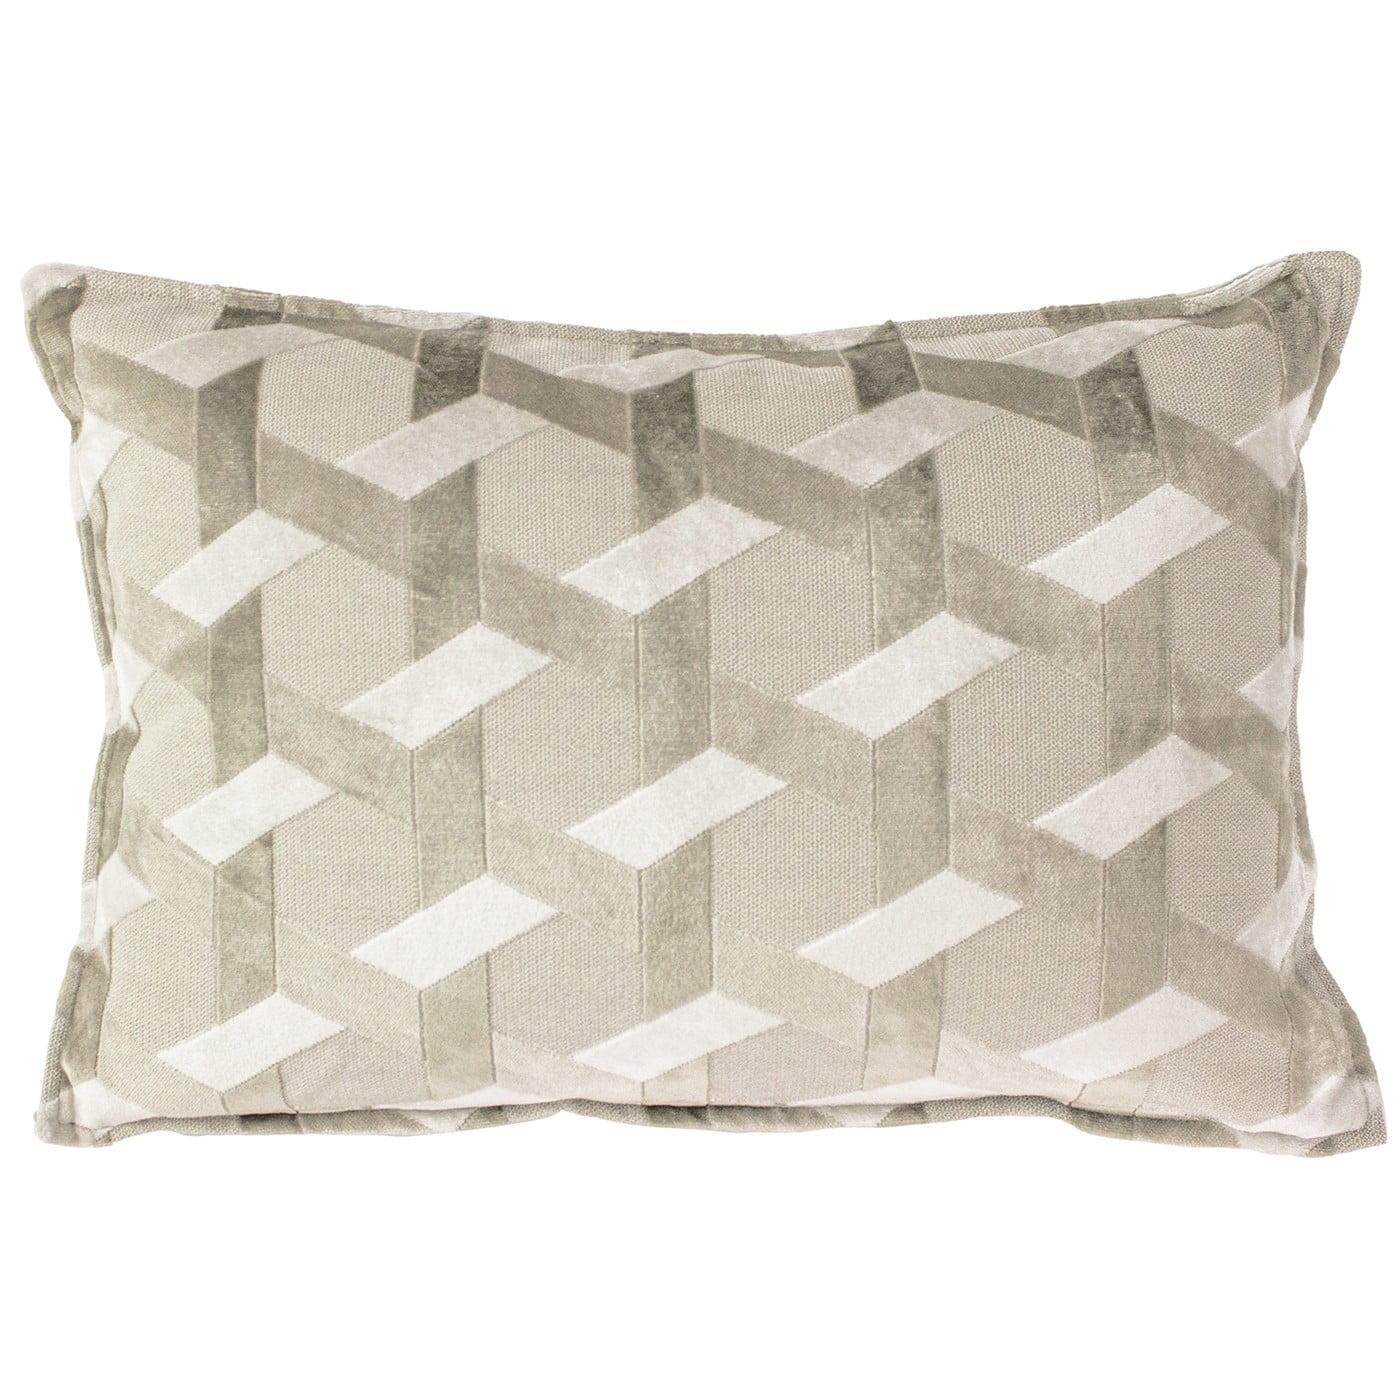 Delano Ivory & Taupe Cushion